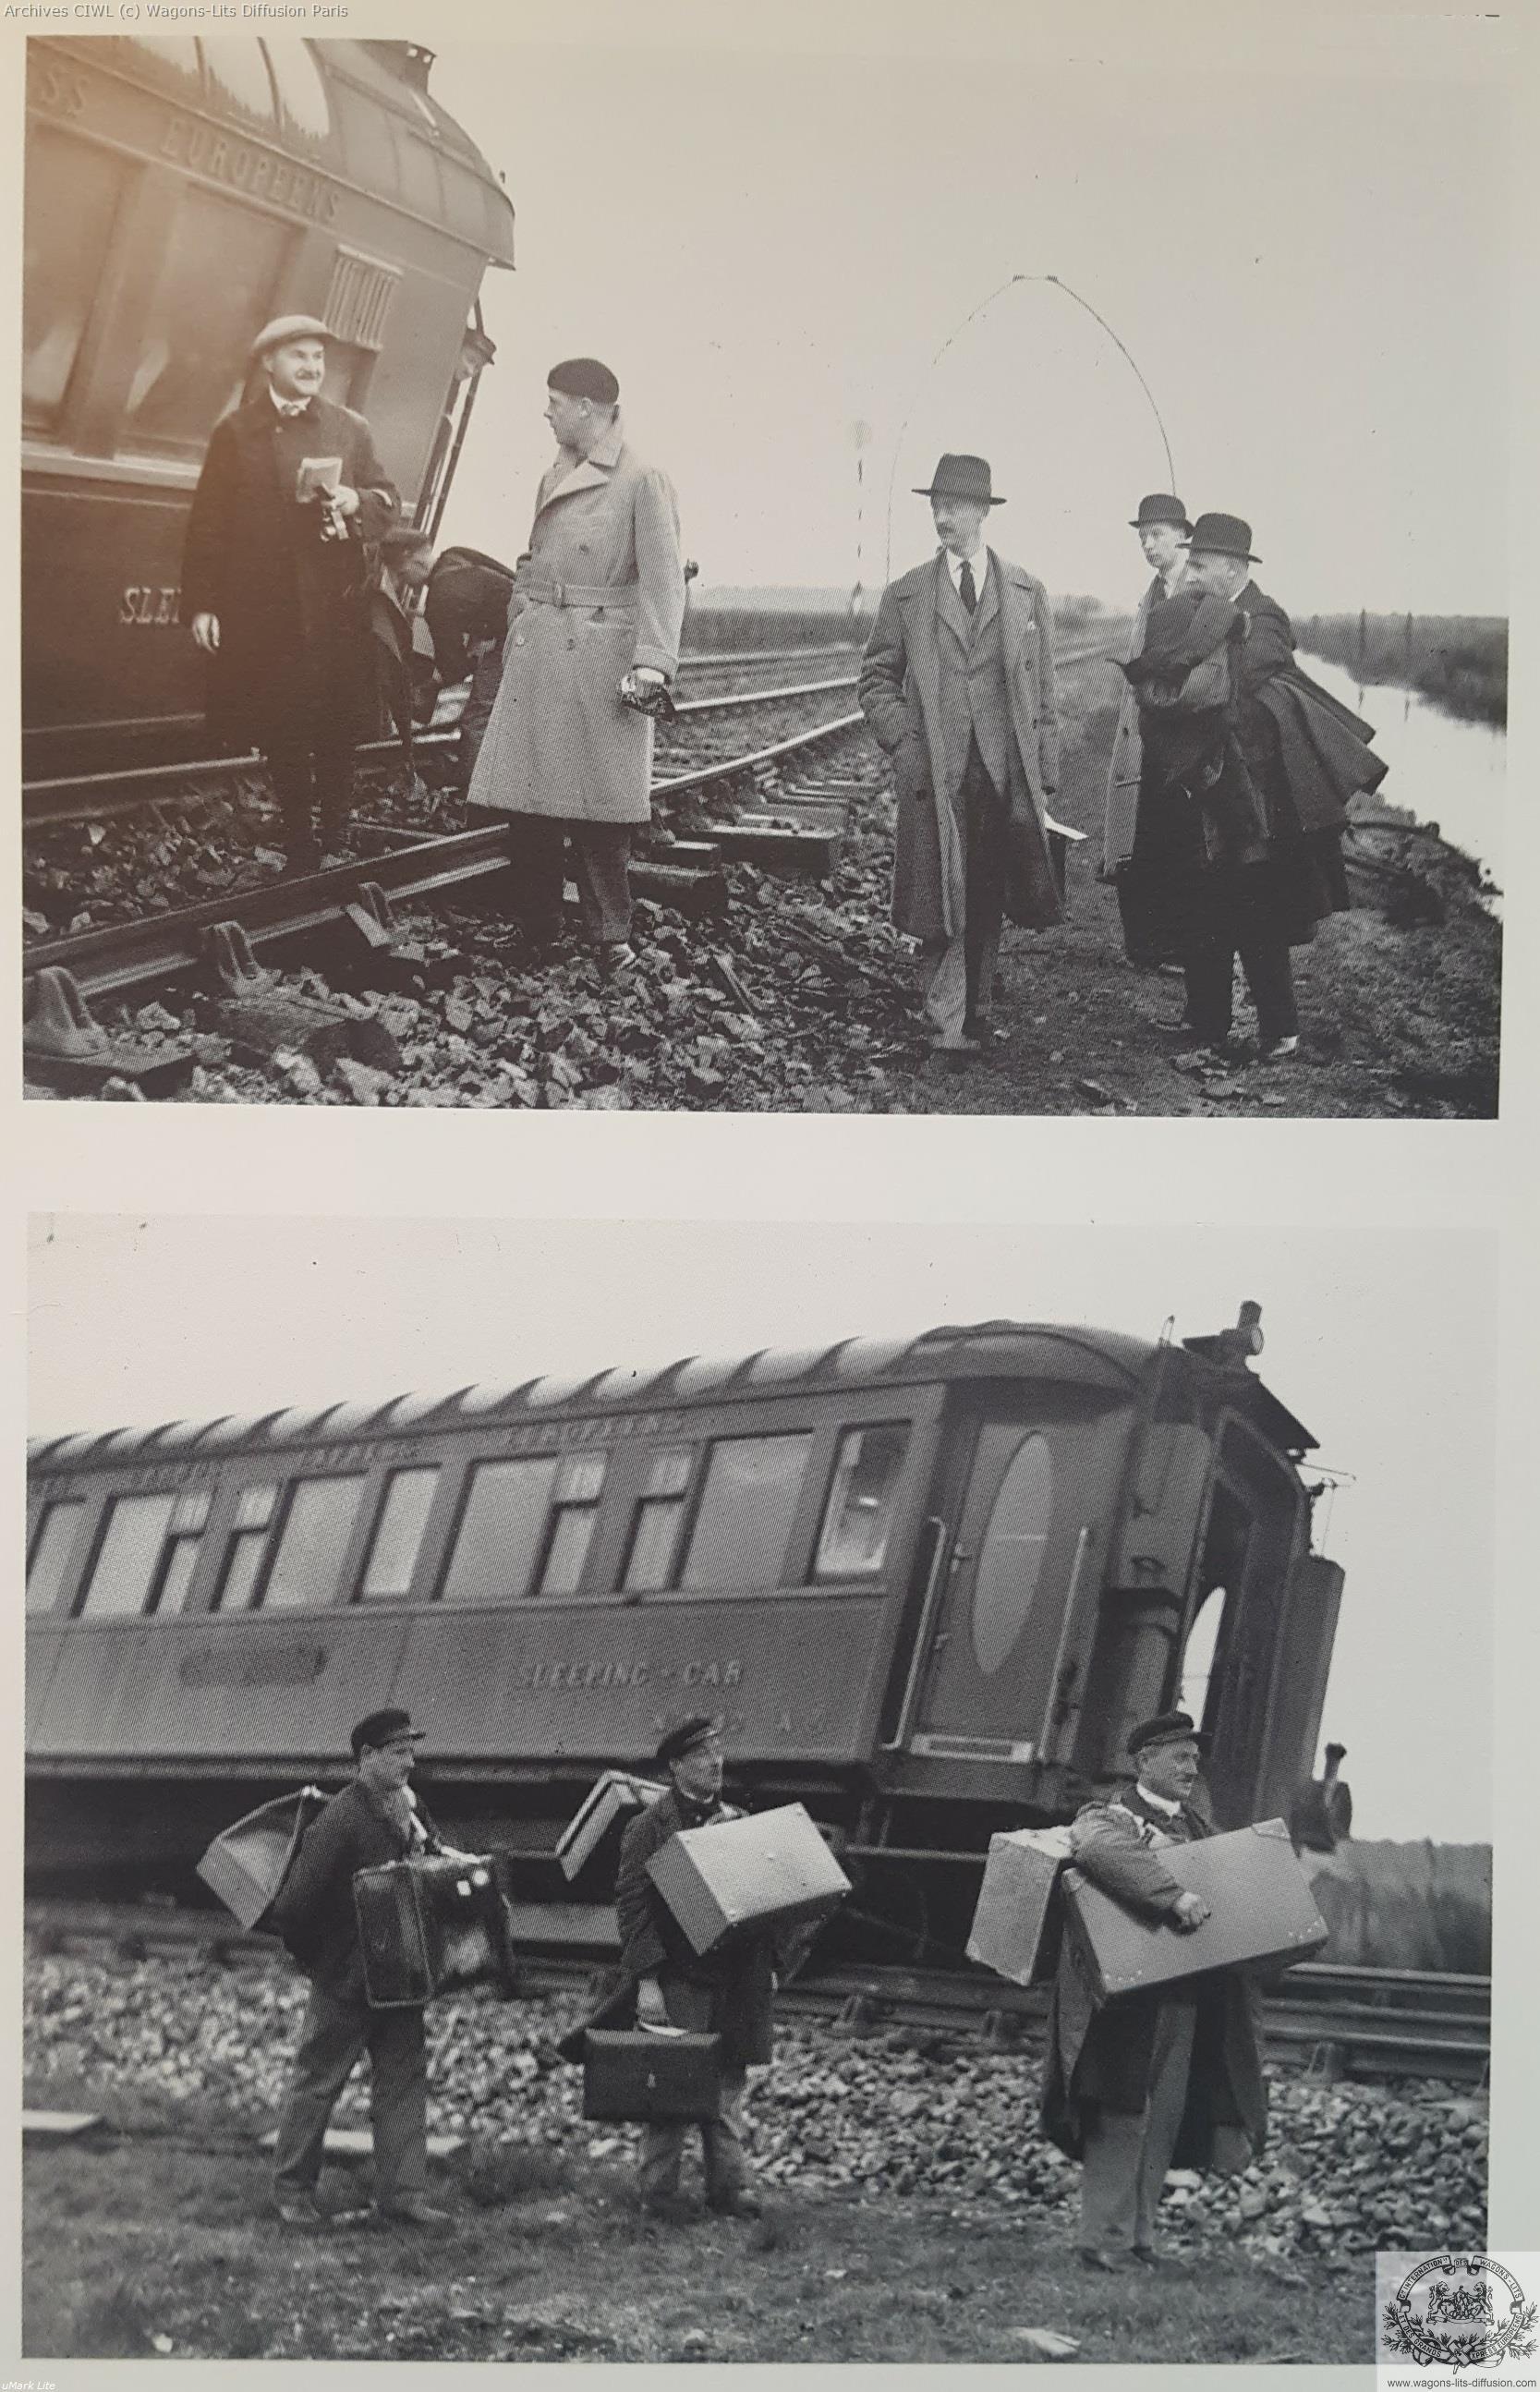 Wl prince de galles et prince georges pyerenees cote d argent express 1931